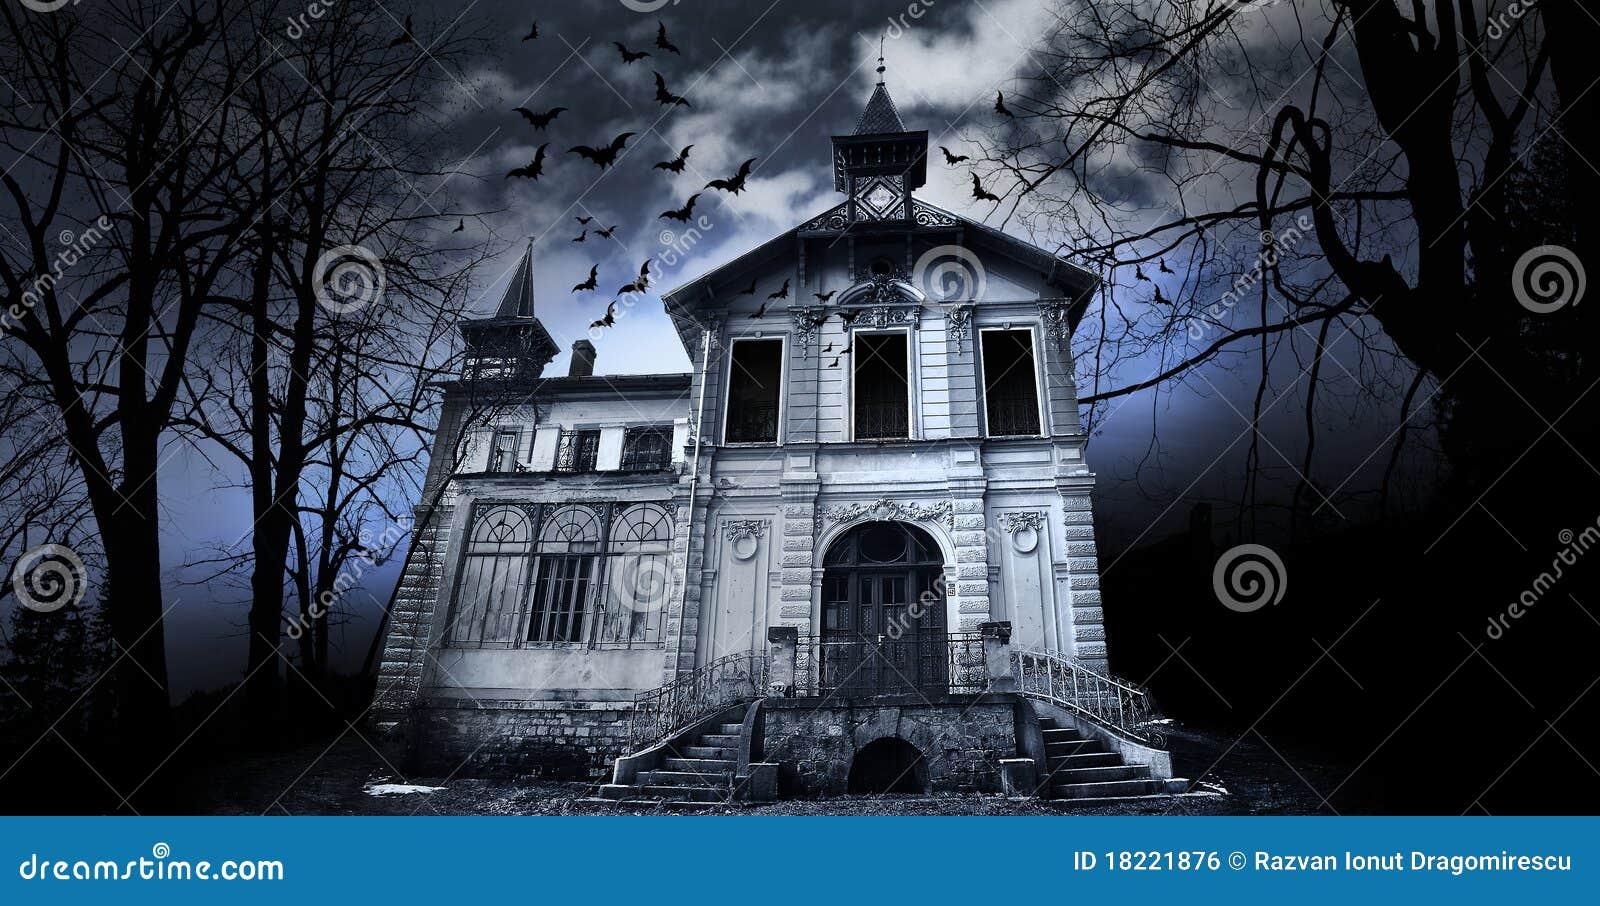 Haunted House Royalty Free Stock Image Image 18221876